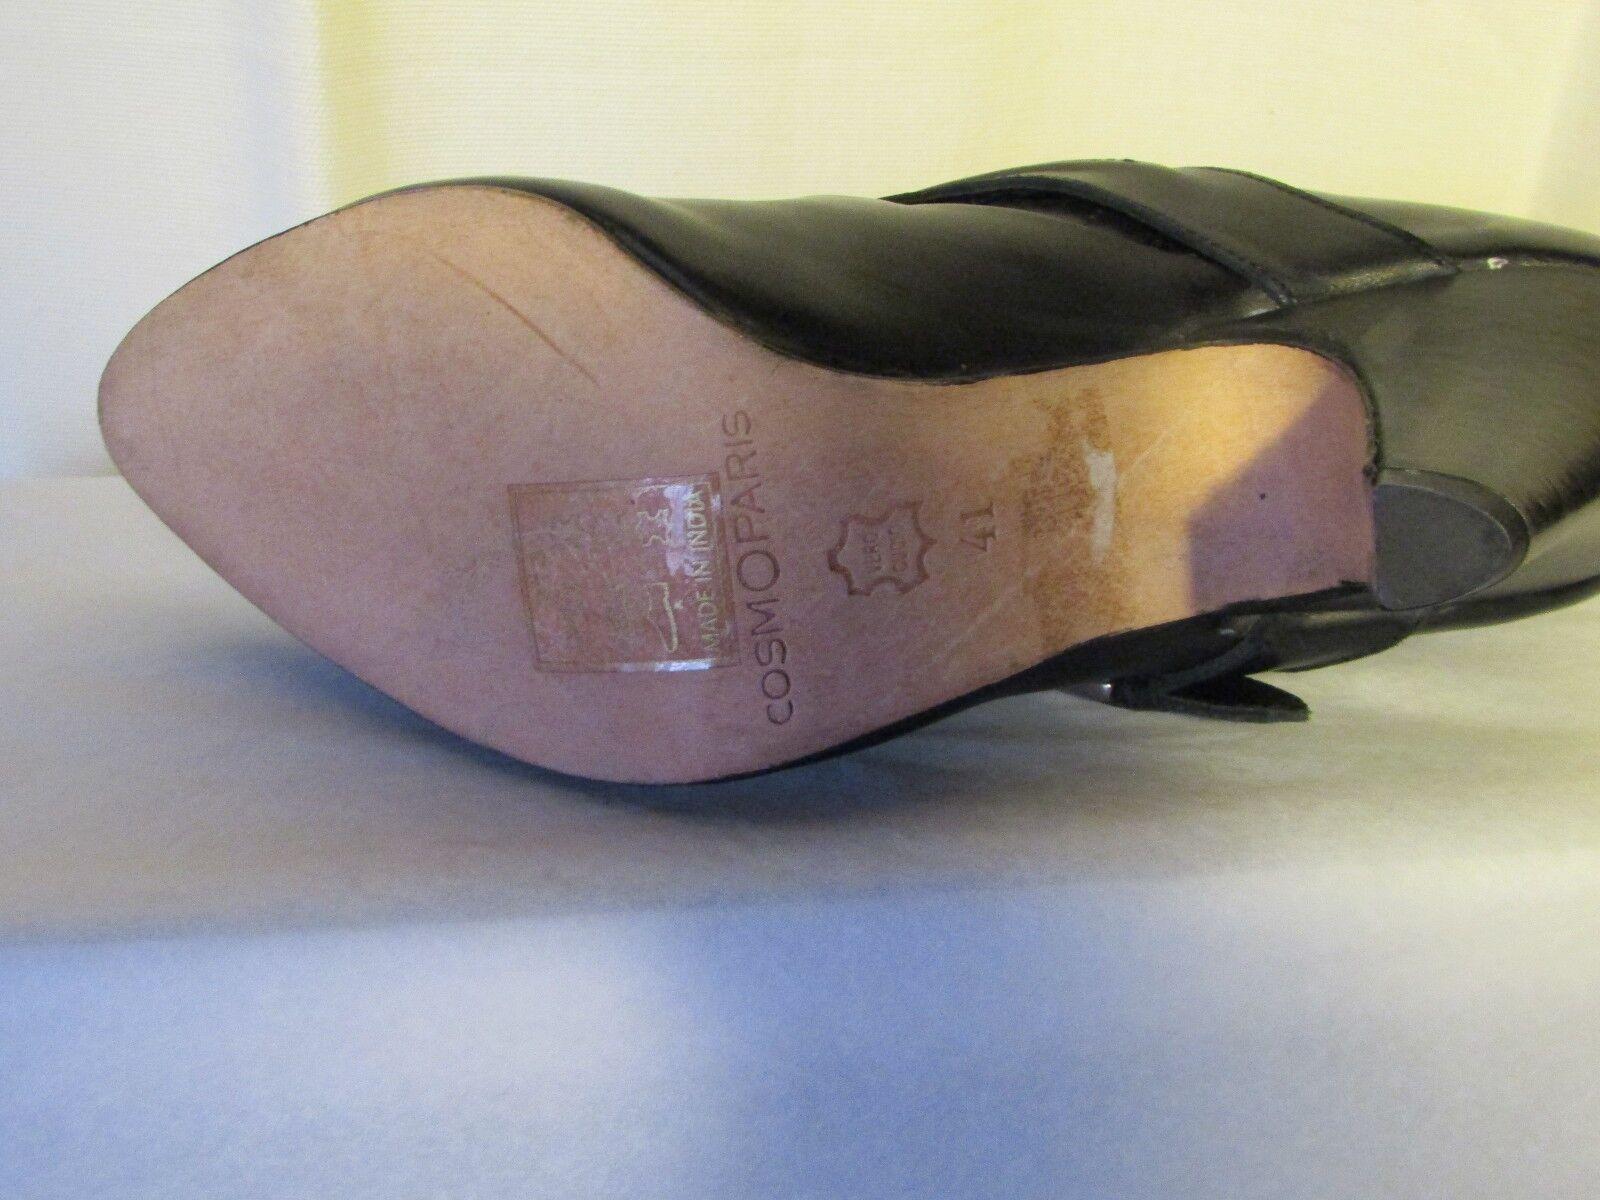 Stiefel/bottines COSMO Paris Paris COSMO cuir noir 41 900fde